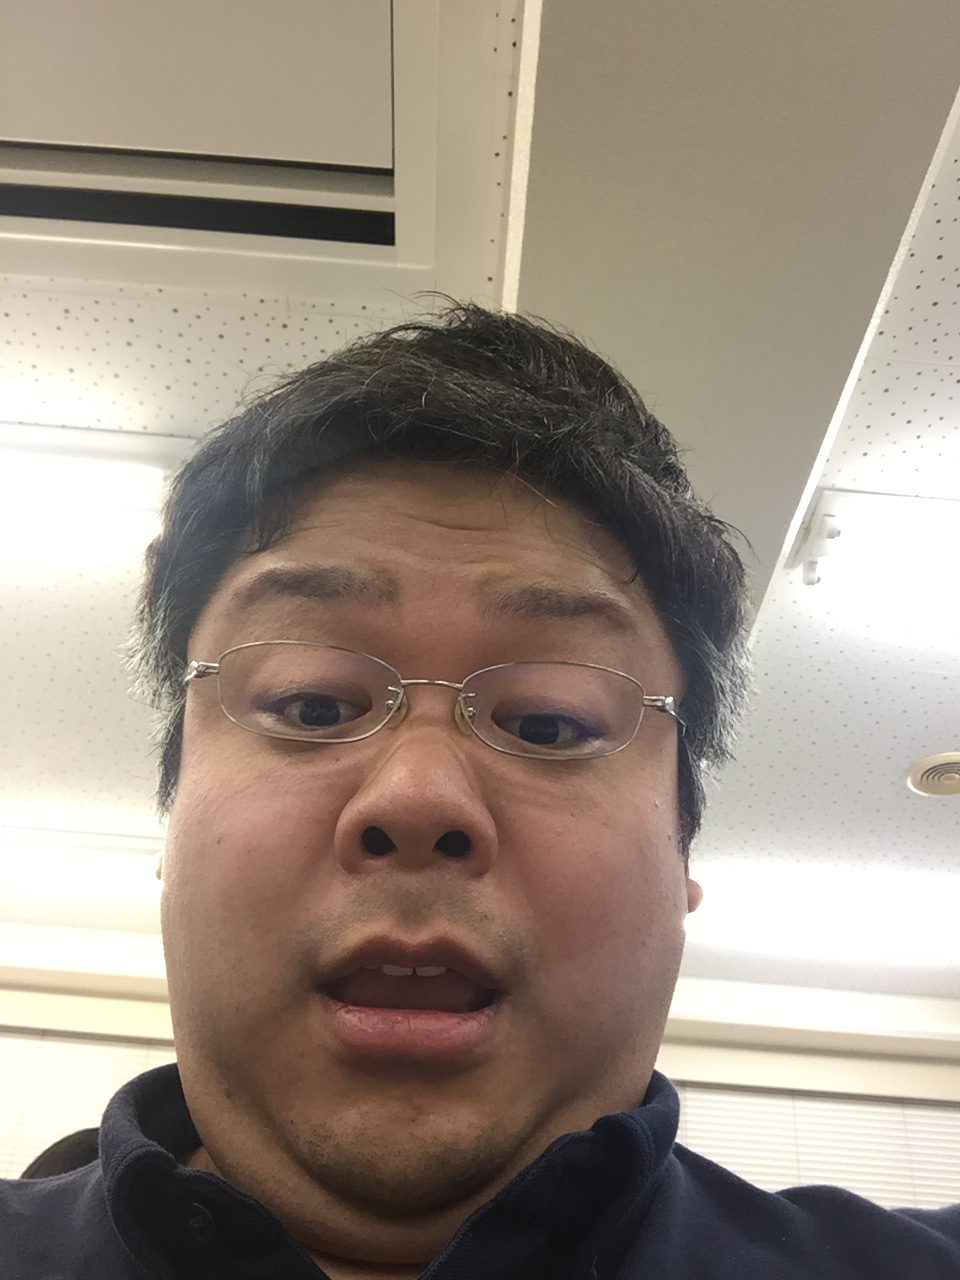 https://www.r-ac.jp/campus/osaka/blog/img/aaaaaa.JPG